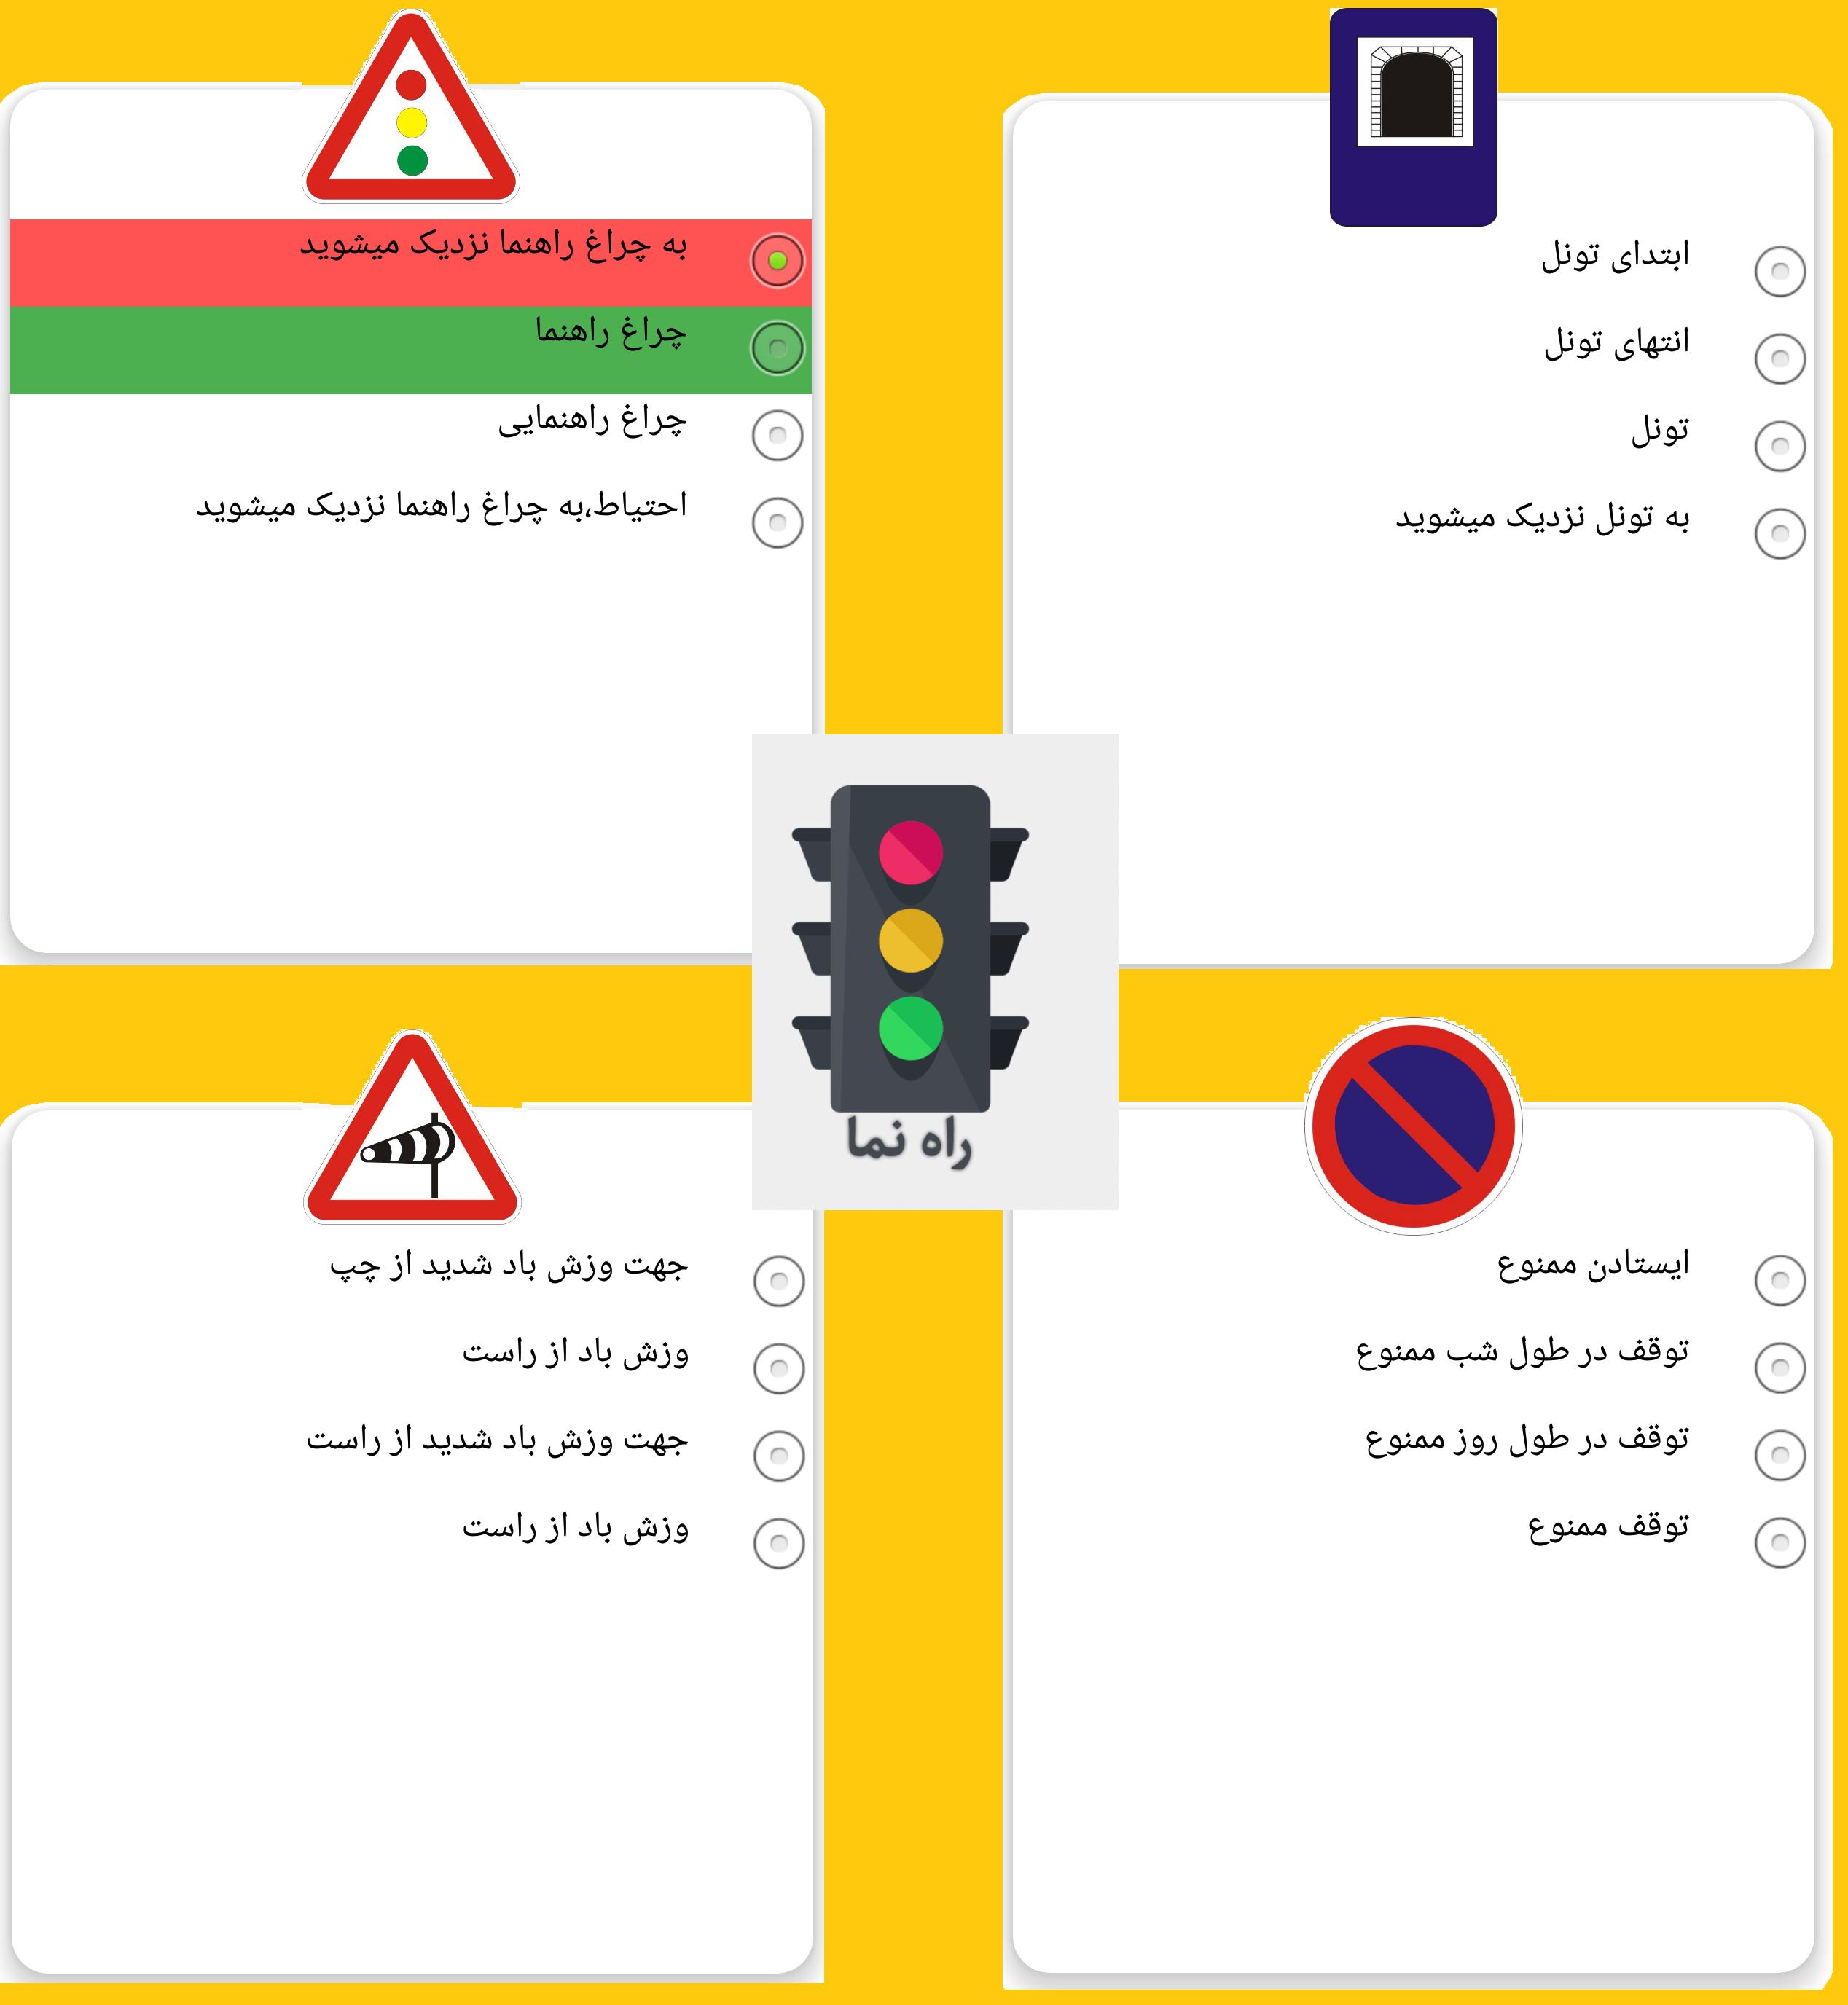 آزمون گواهینامه متورسیکلت و ماشین